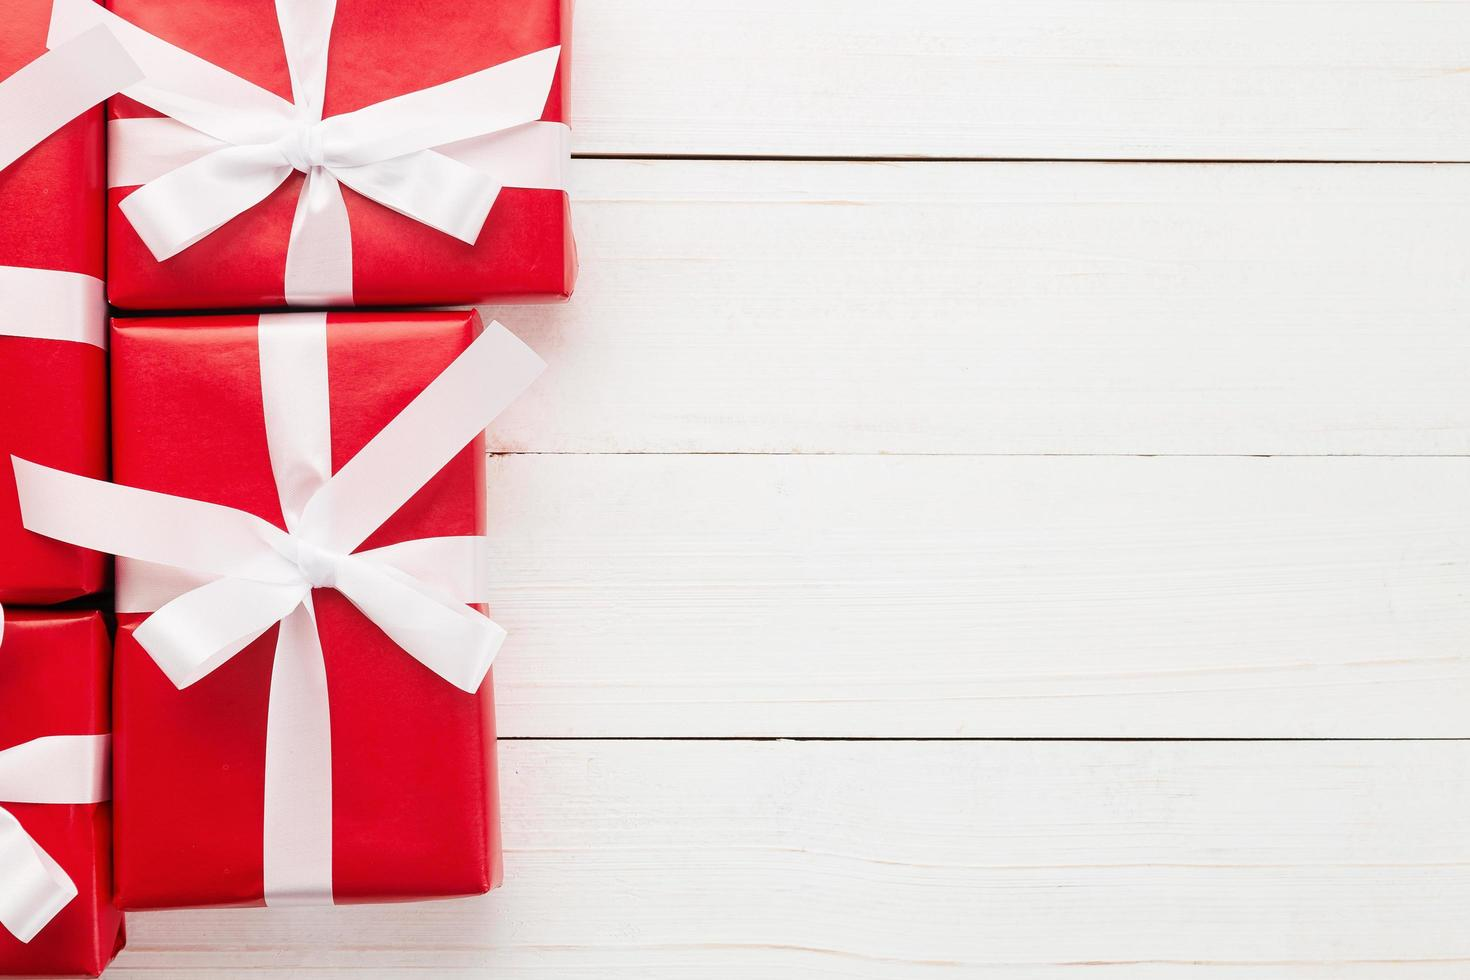 Natal e ano novo com decoração de caixas de presente vermelhas na vista superior de fundo de mesa de madeira branca com espaço de cópia foto